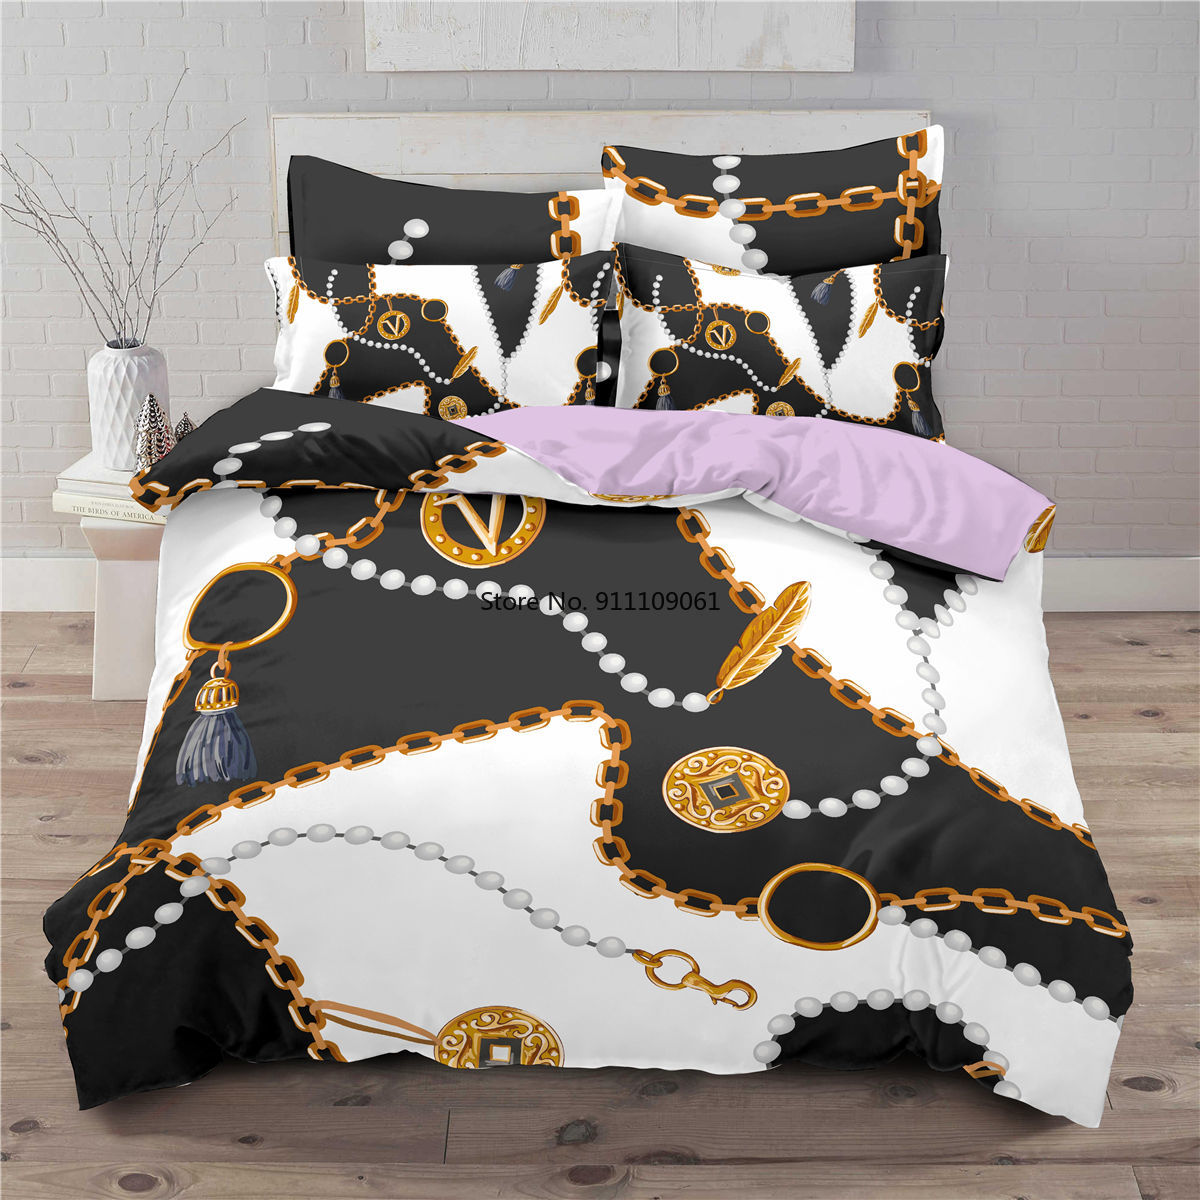 ثلاثية الأبعاد أنماط الباروك المعزي طقم سرير الذهب والأسود واحدة التوأم كامل الملكة لحاف سرير الحجم المزدوج مجموعة المخدة الفاخرة